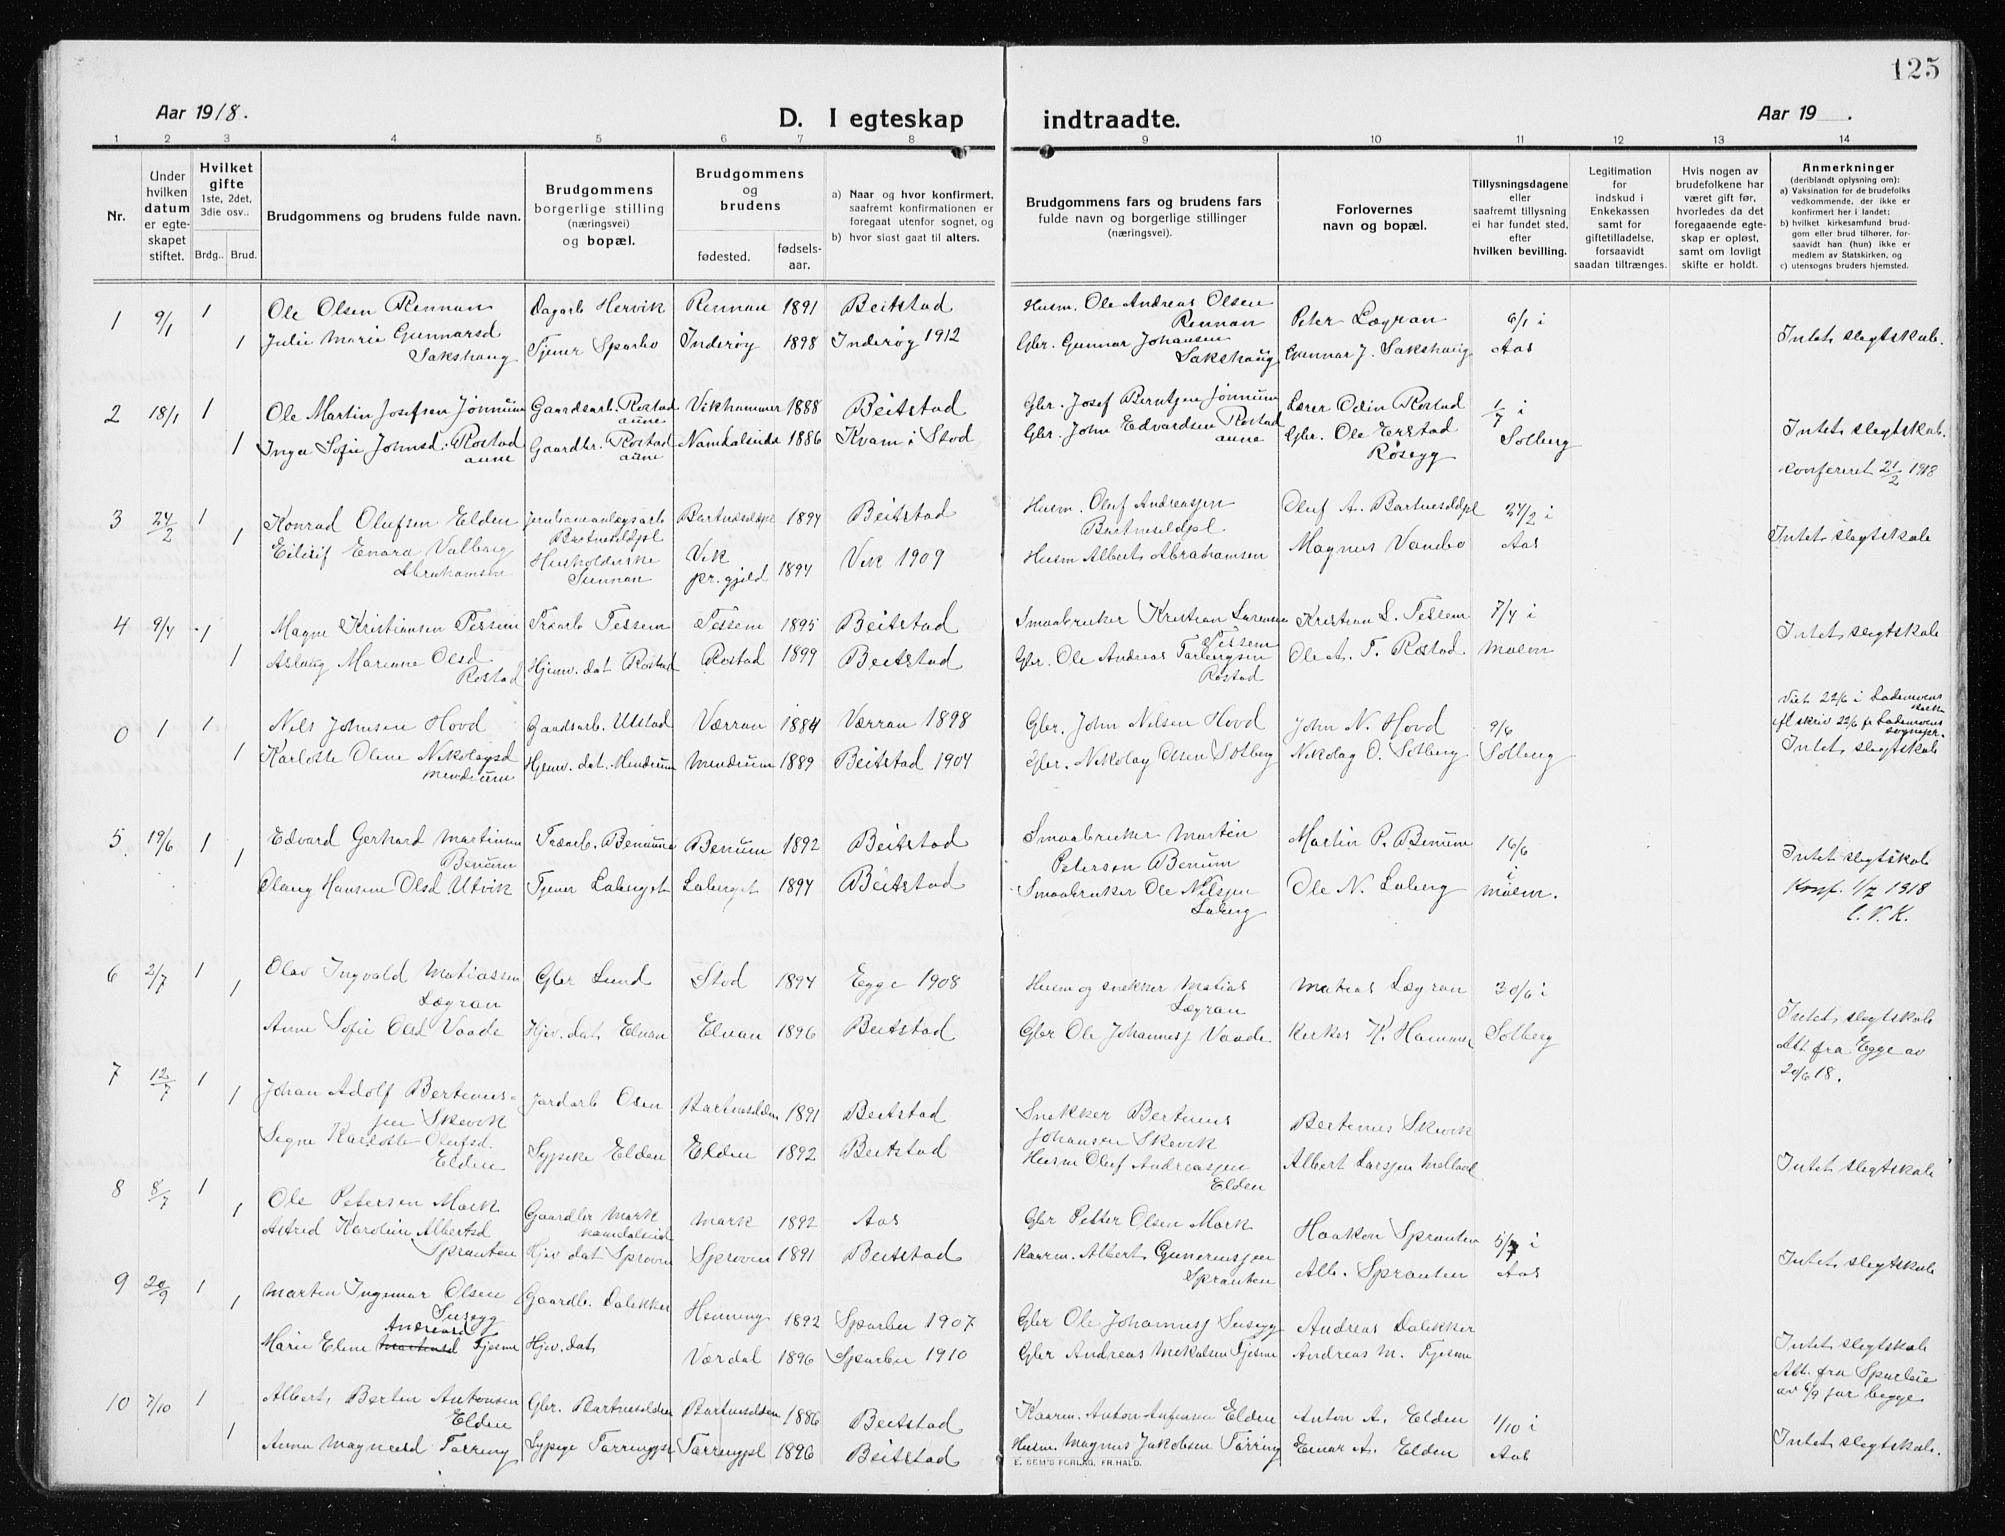 SAT, Ministerialprotokoller, klokkerbøker og fødselsregistre - Nord-Trøndelag, 741/L0402: Klokkerbok nr. 741C03, 1911-1926, s. 125